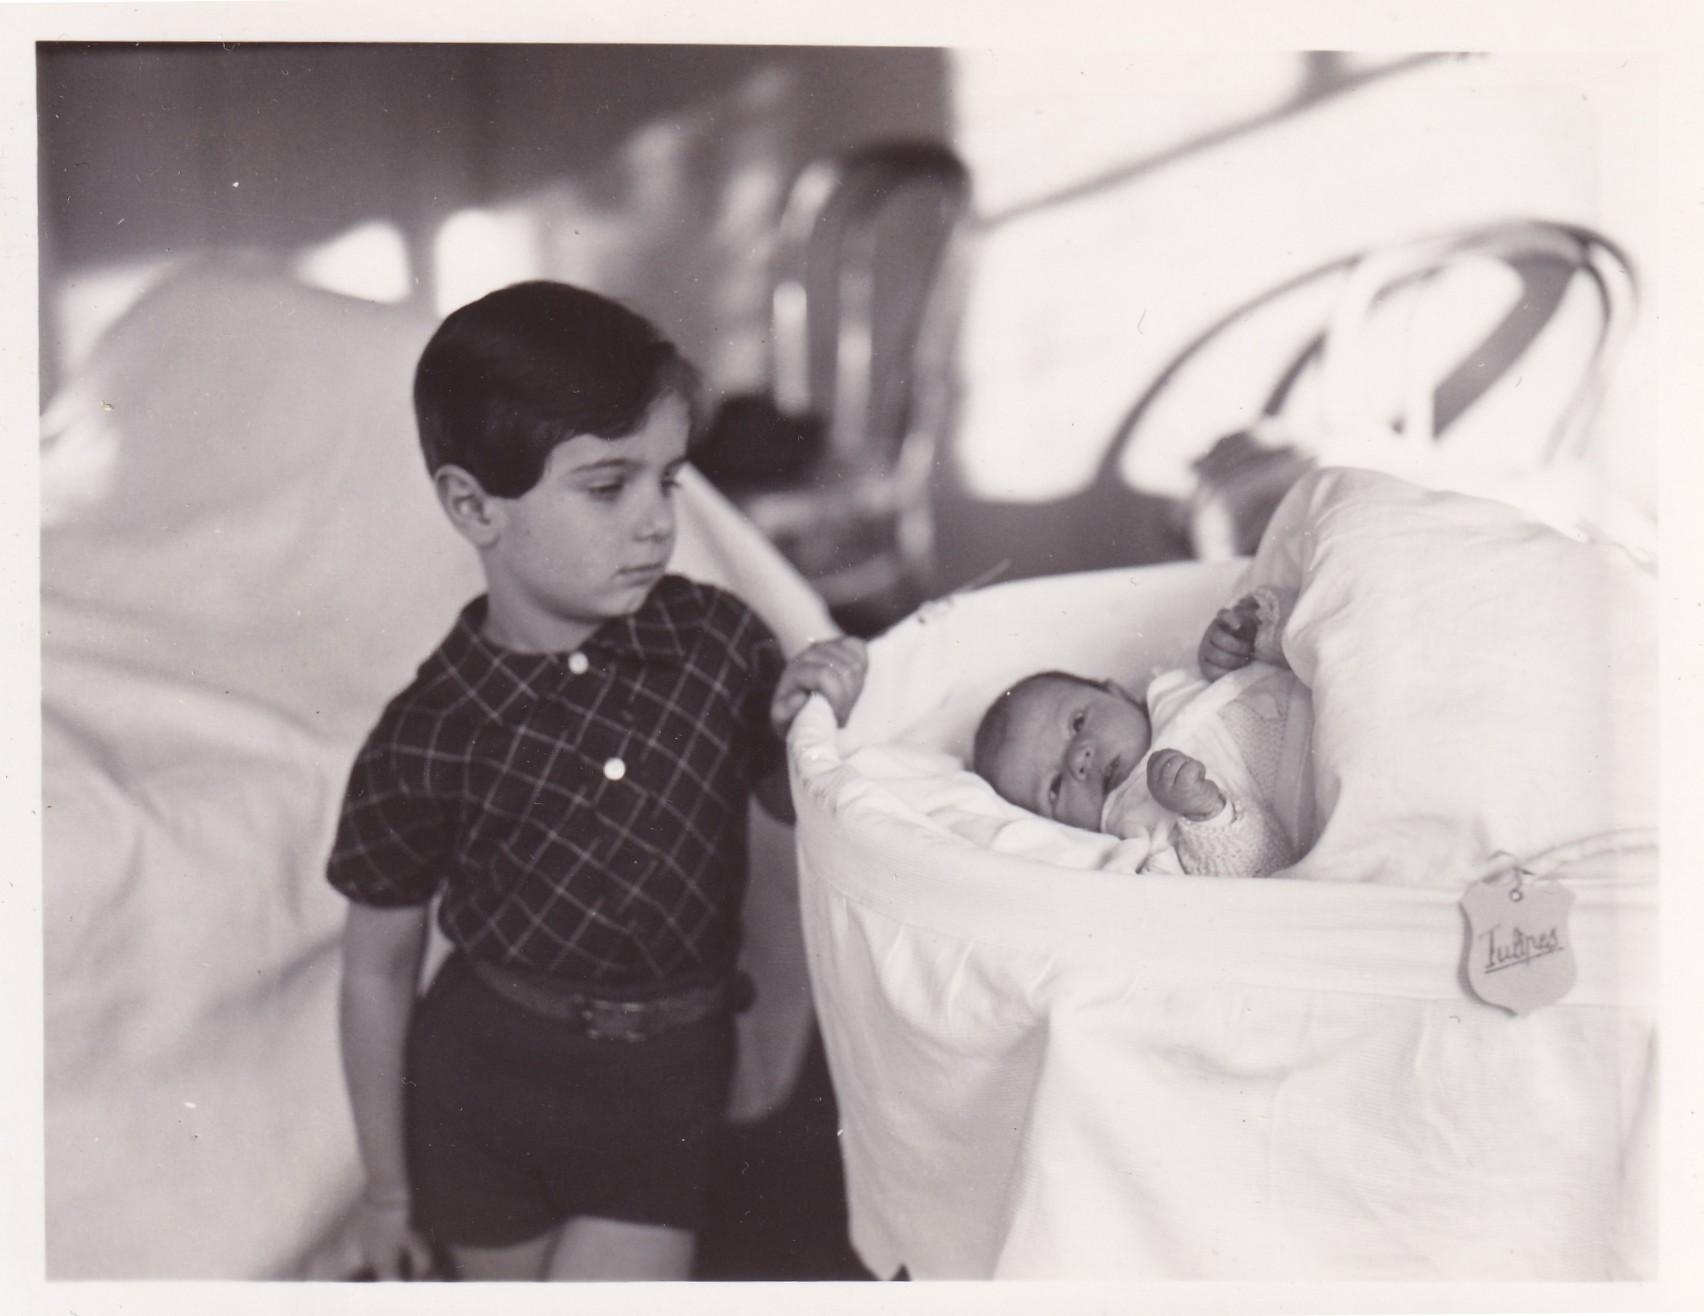 Garçon chemise à carreaux bebe  format